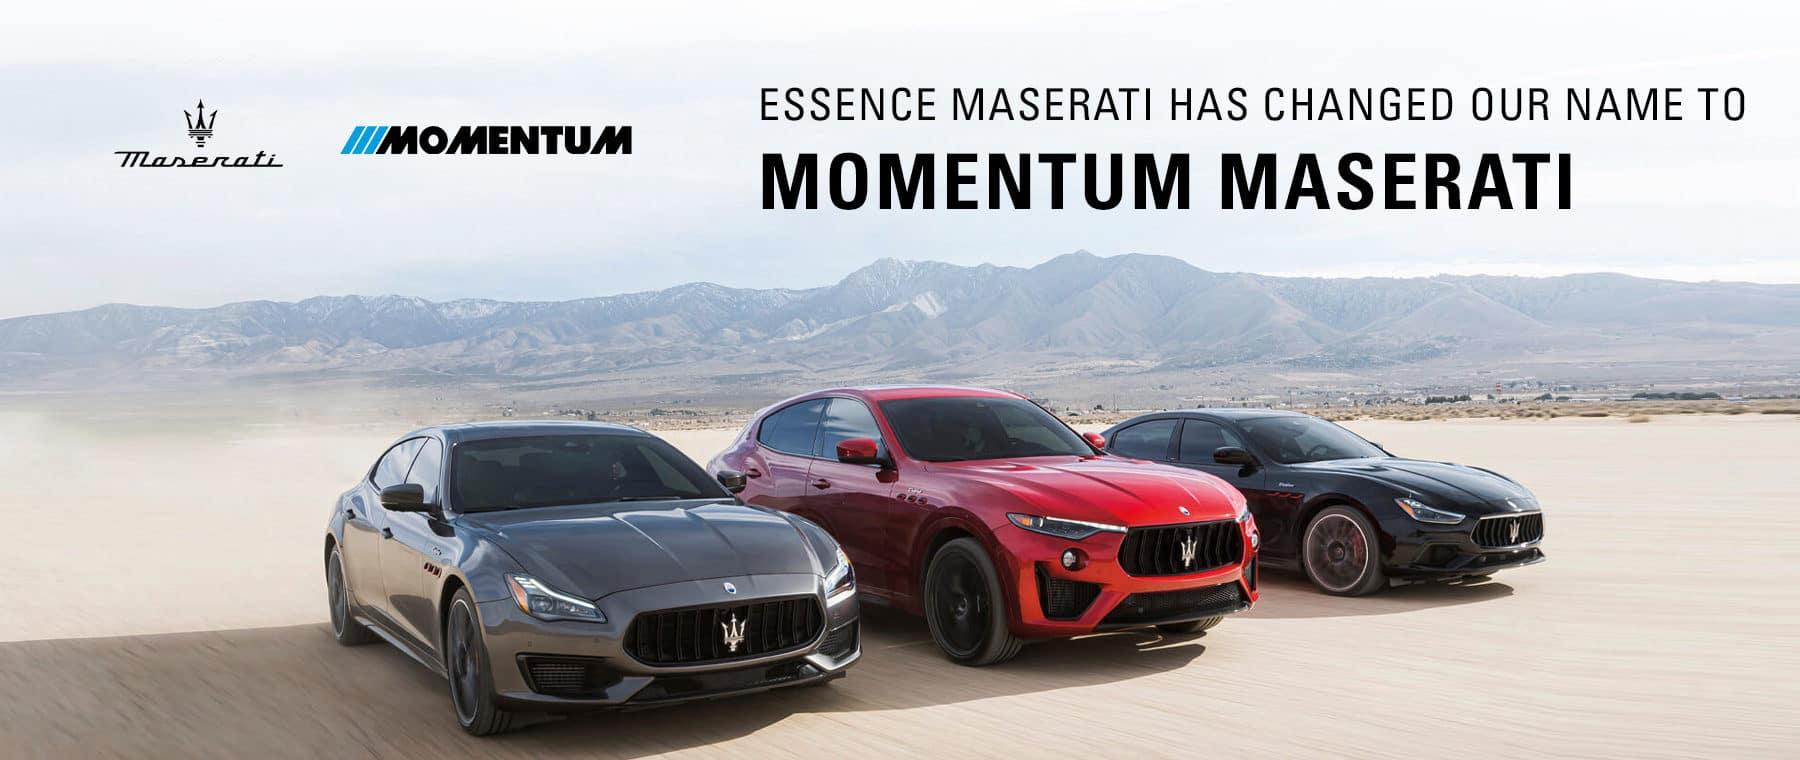 Essence Maserati has changed its name to momentum maserati